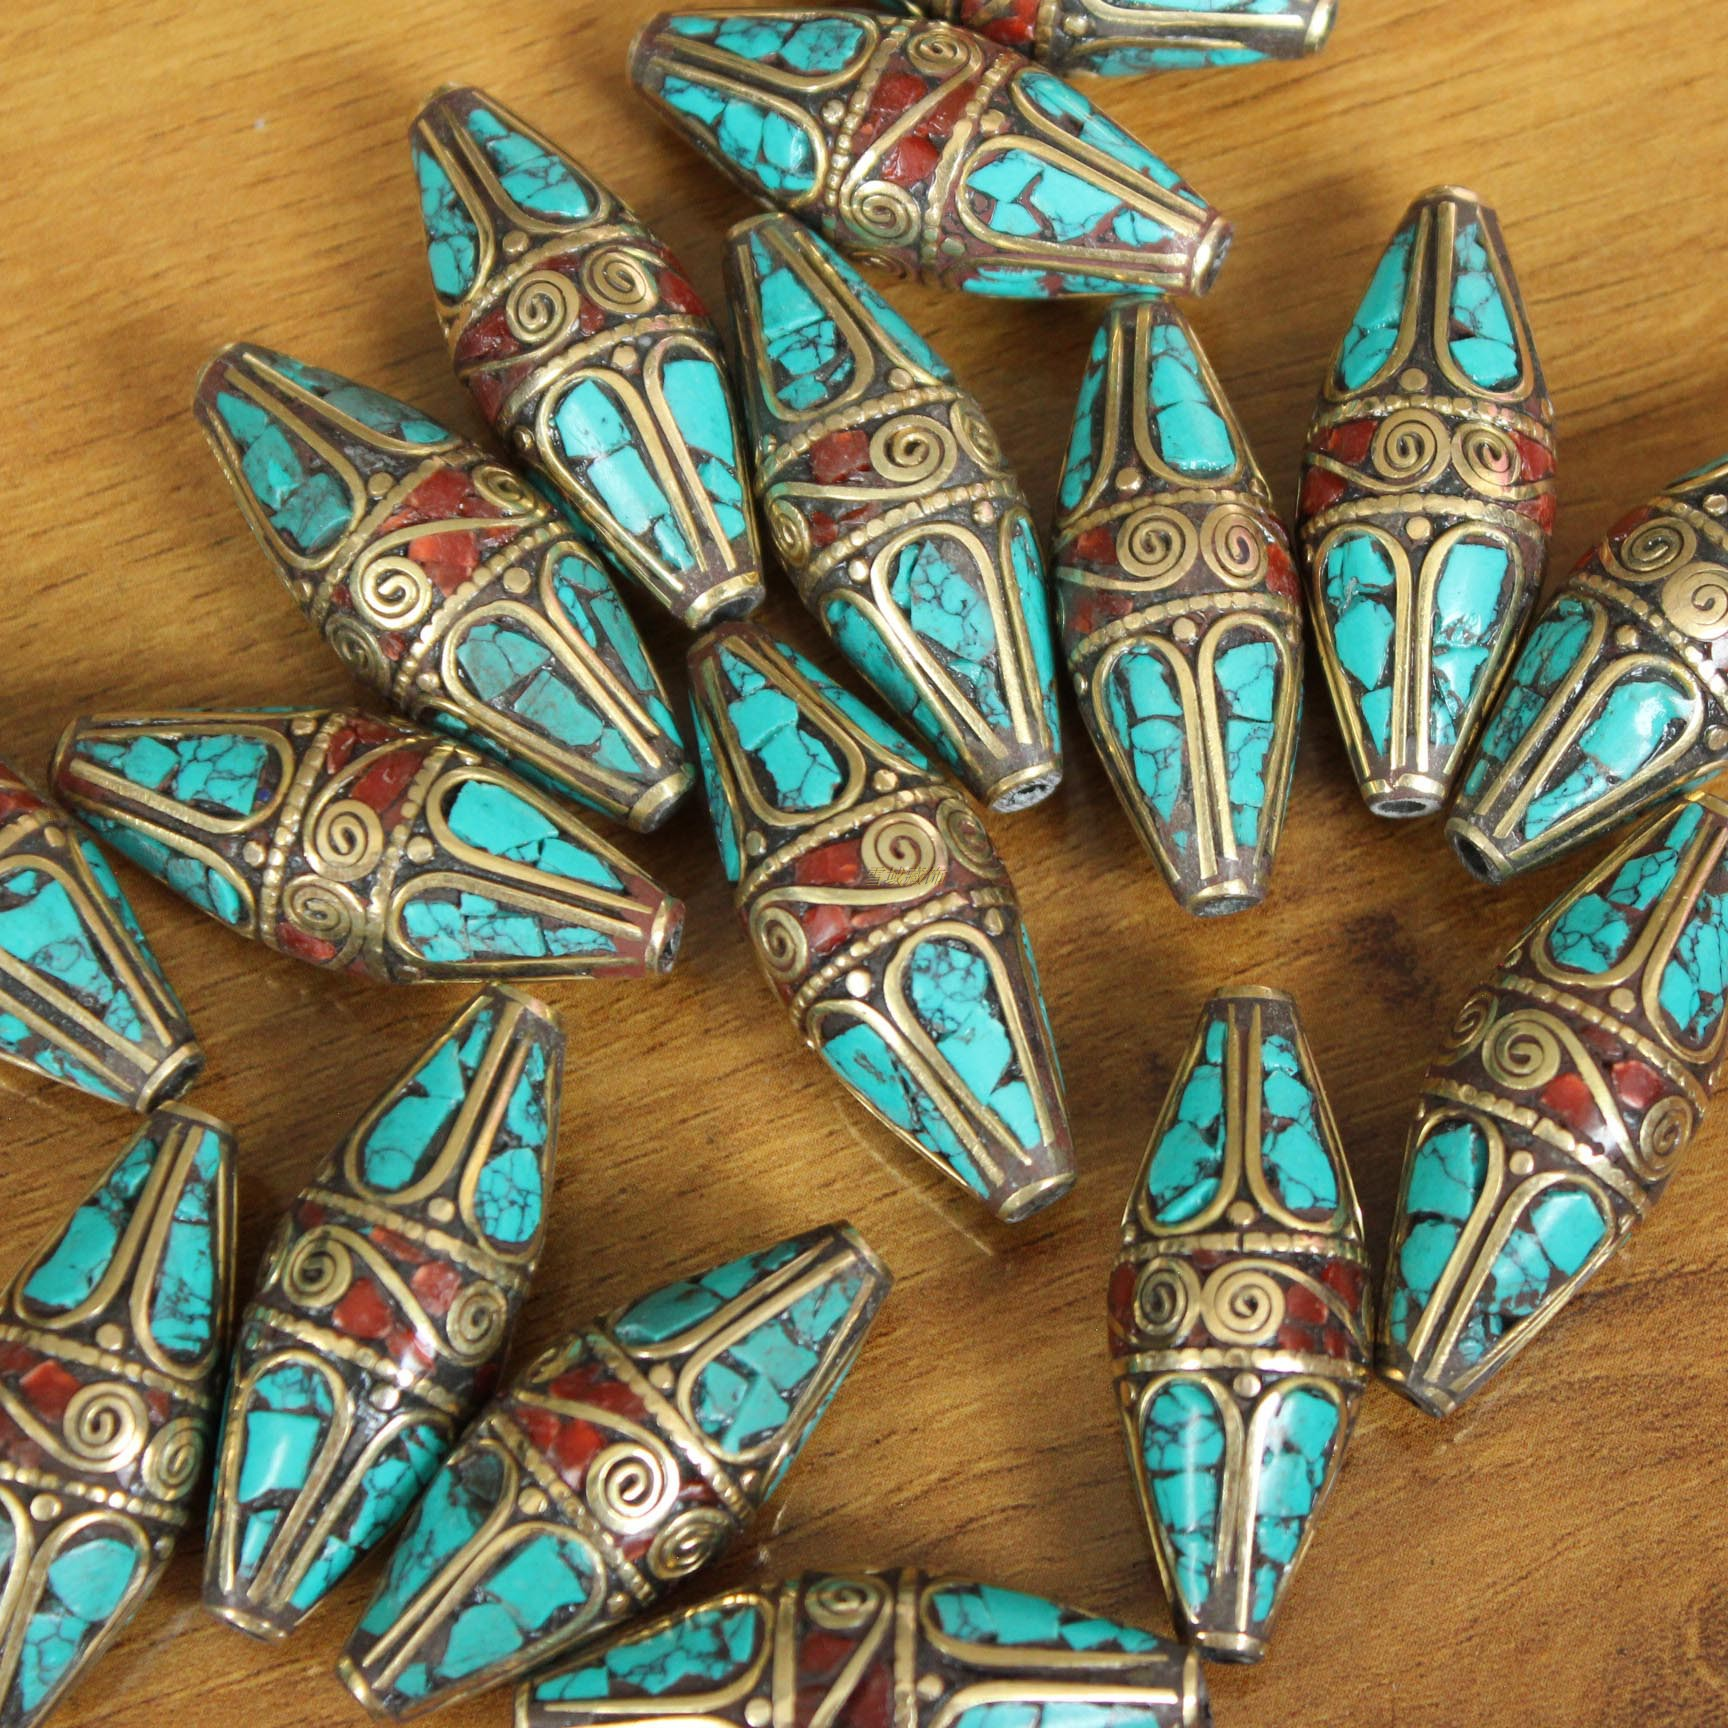 尼泊尔西藏饰品民族藏族锅庄舞蹈台活动手链手动DIY散珠子满包邮